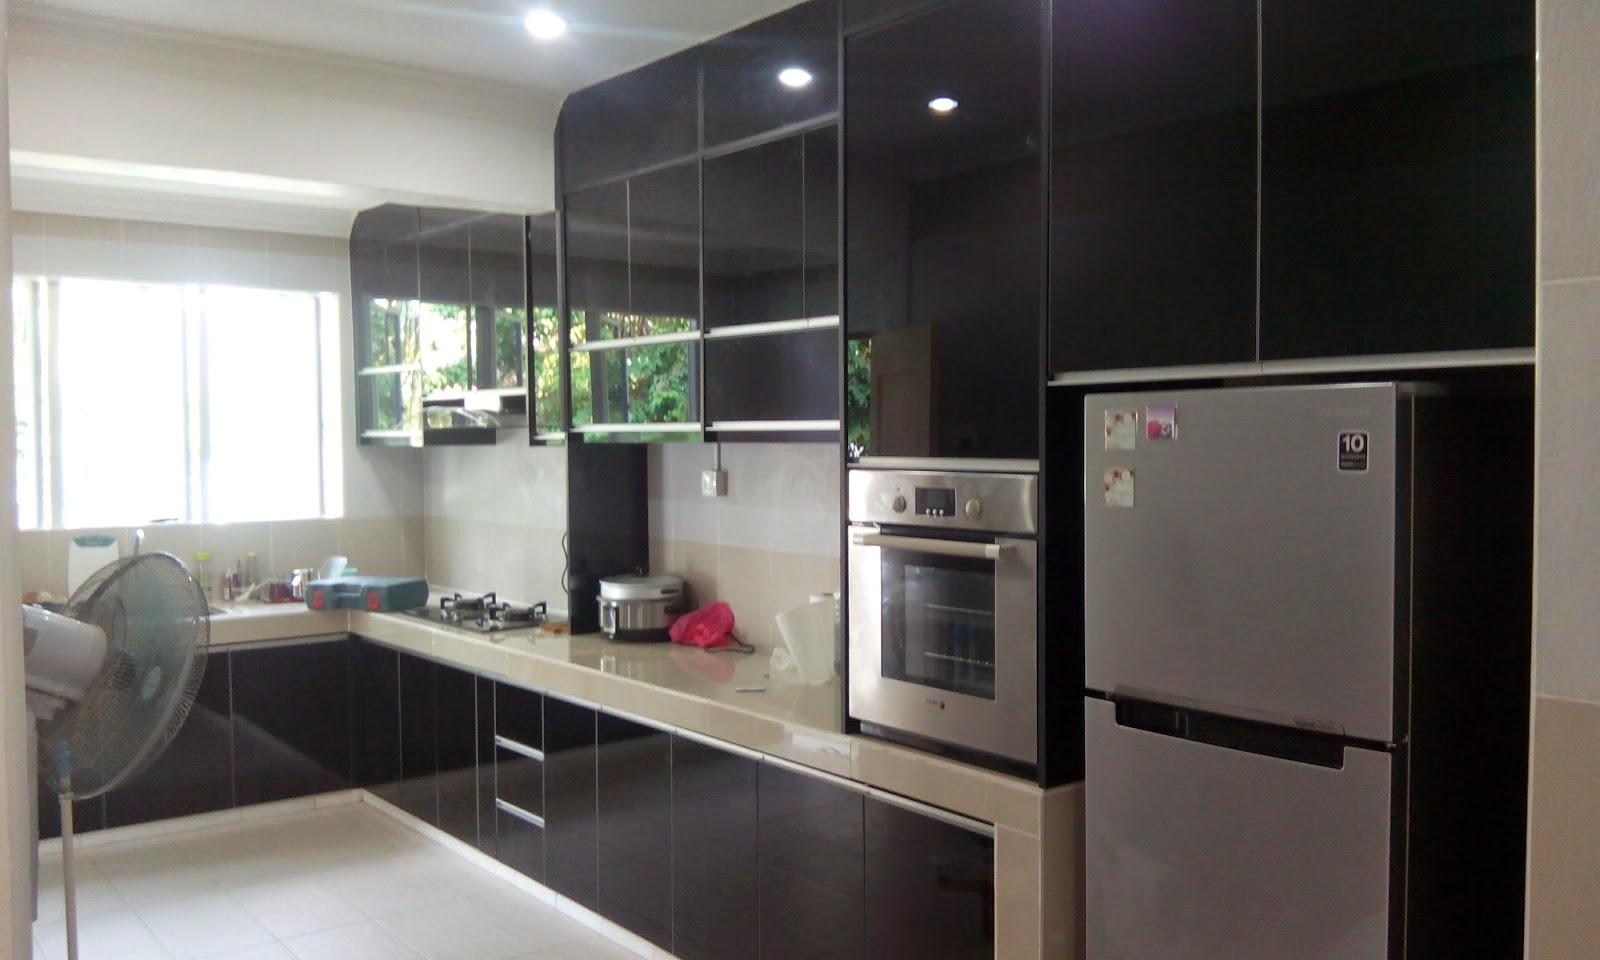 Kabinet Dapur Terus Dari Kilang 4g Gl Black Mirror Kitchencabinet Gabungan 2 Jenis Material Untuk Pintu Iaitu